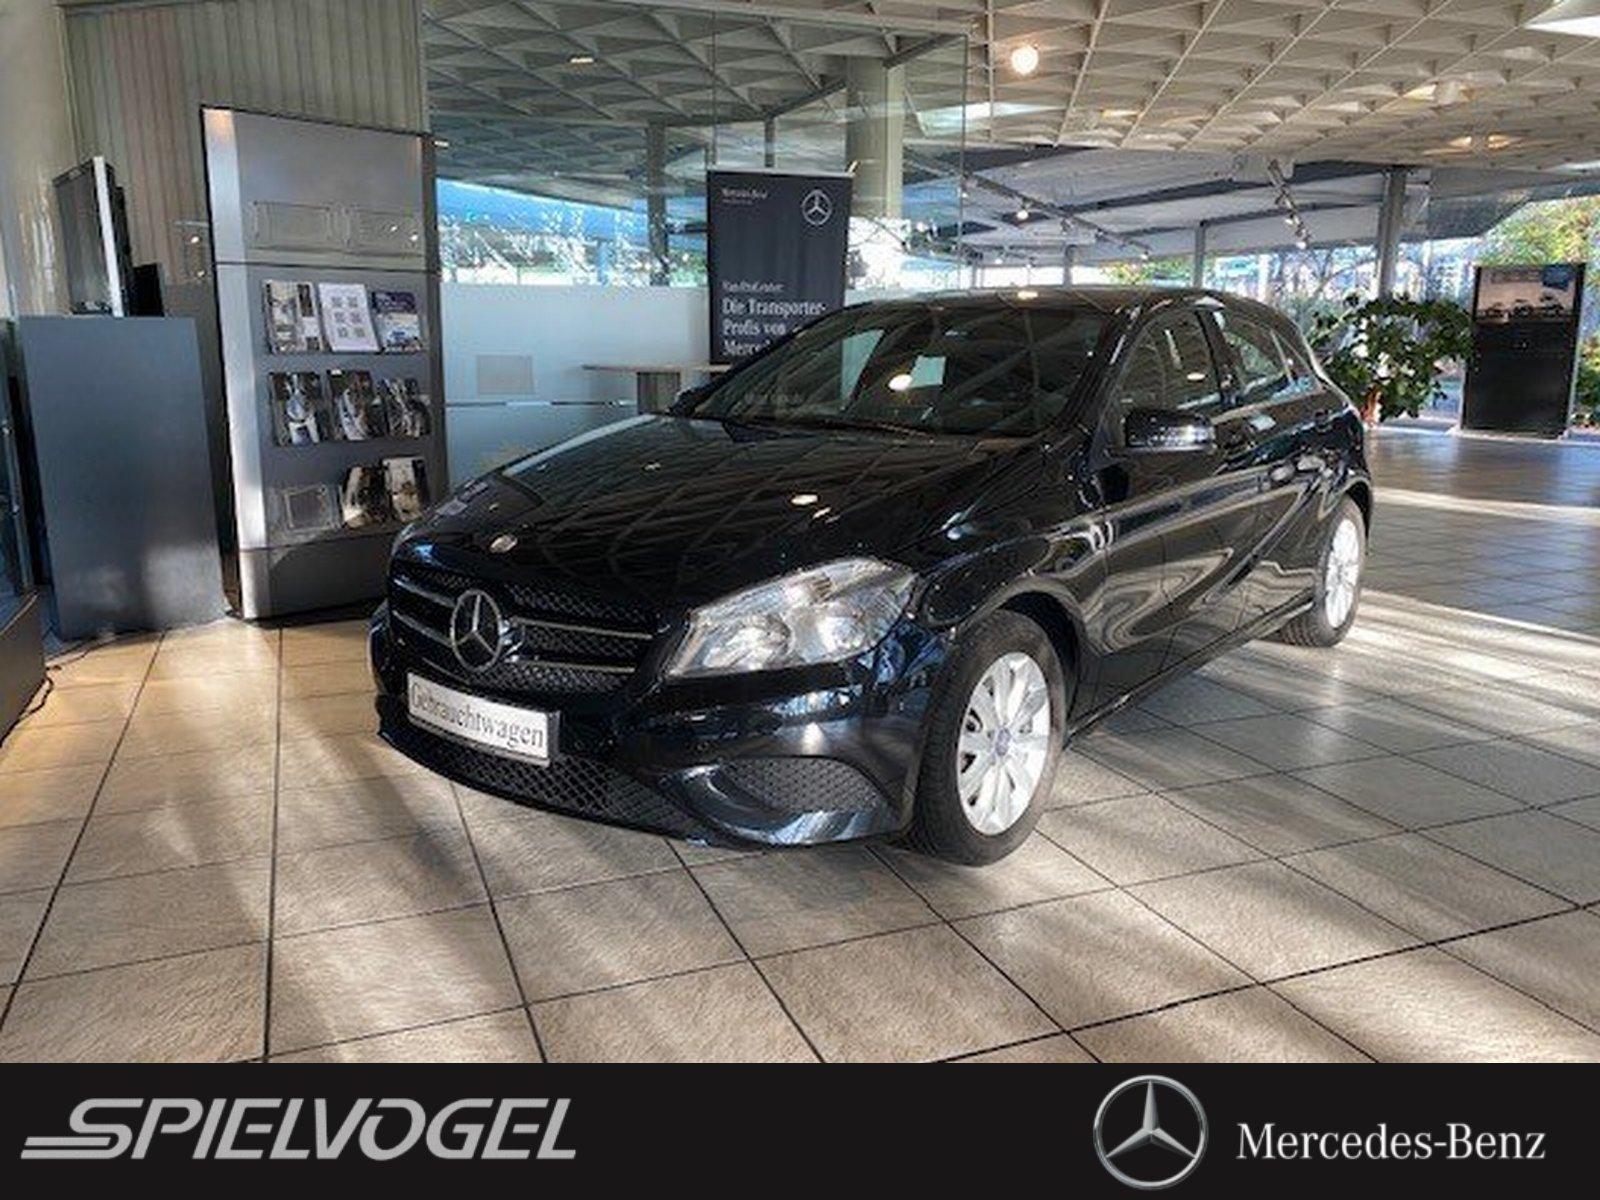 Mercedes-Benz A 180 STYLE NAVI PARKPILOT SHZ KLIMAANLAGE, Jahr 2015, Benzin